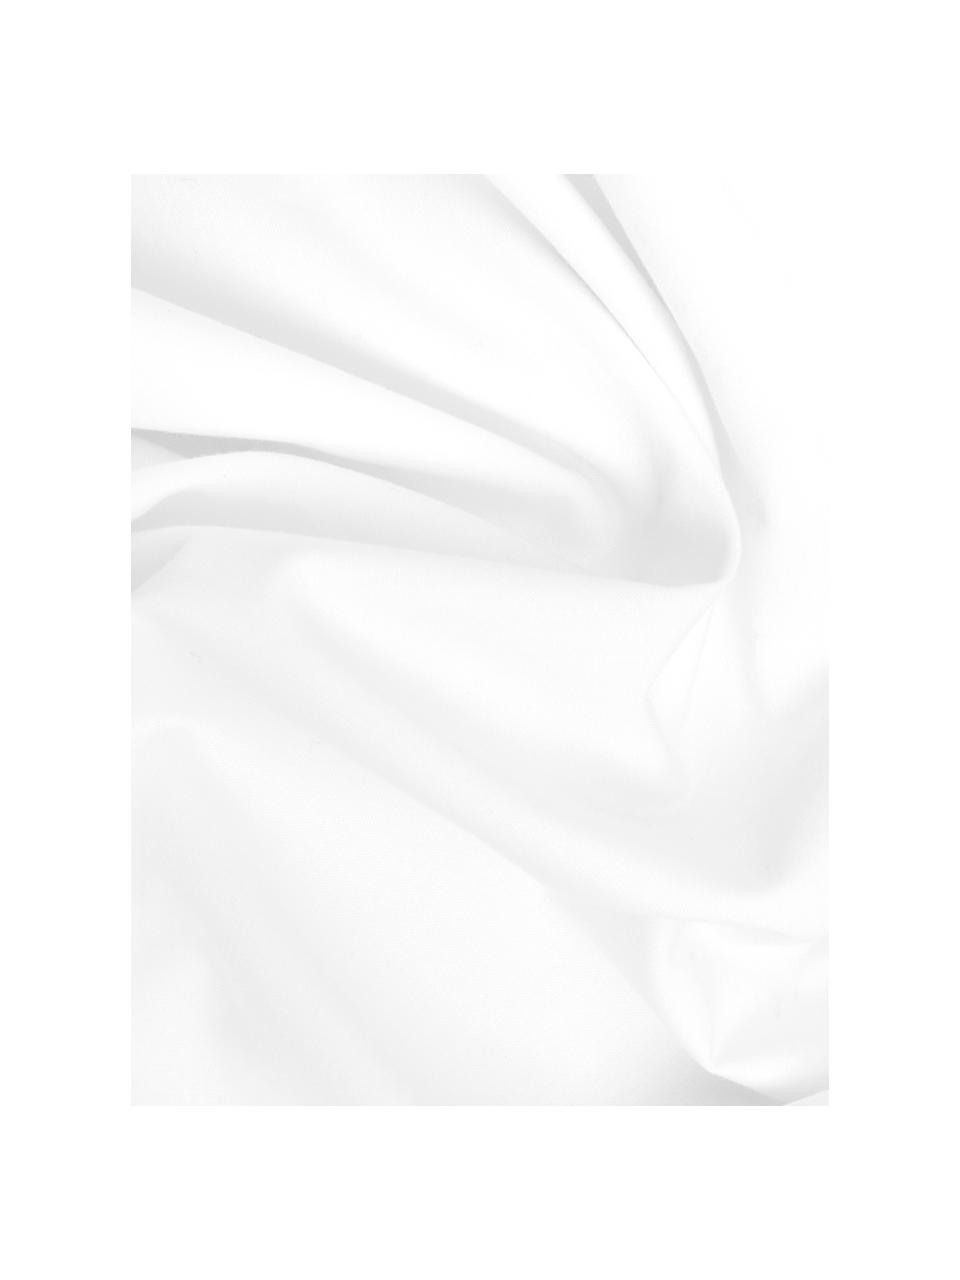 Baumwollperkal-Bettwäsche Joanna in Weiß mit grauem Stehsaum, Webart: Perkal Fadendichte 200 TC, Weiß, Grau, 135 x 200 cm + 1 Kissen 80 x 80 cm